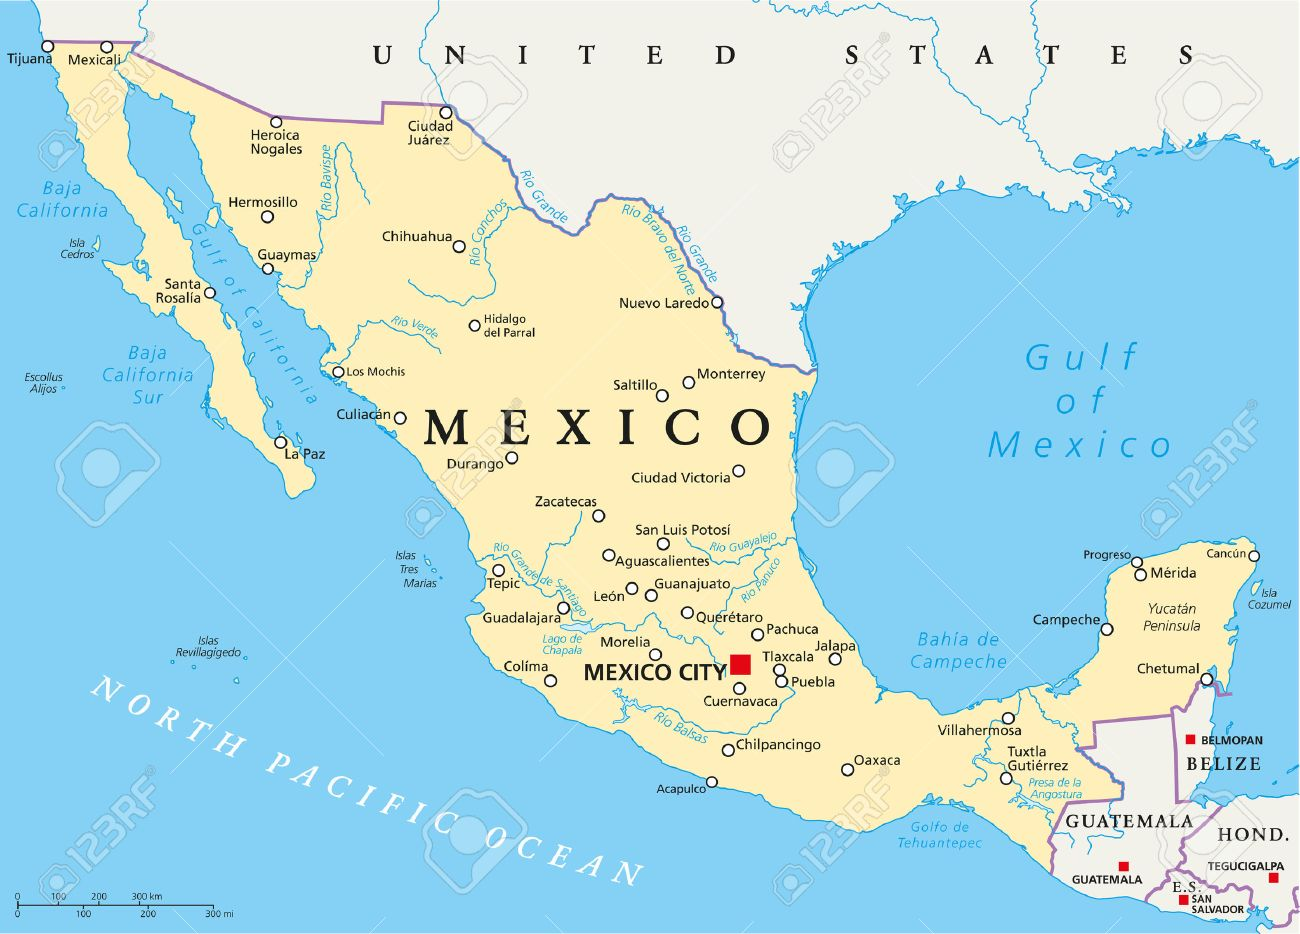 Cartina Del Messico Politica.Vettoriale Messico Politica Mappa Con Capitale Citta Del Messico I Confini Nazionali Piu Importanti Citta Fiumi E Laghi Etichettatura Inglese E Desquamazione Image 32371939